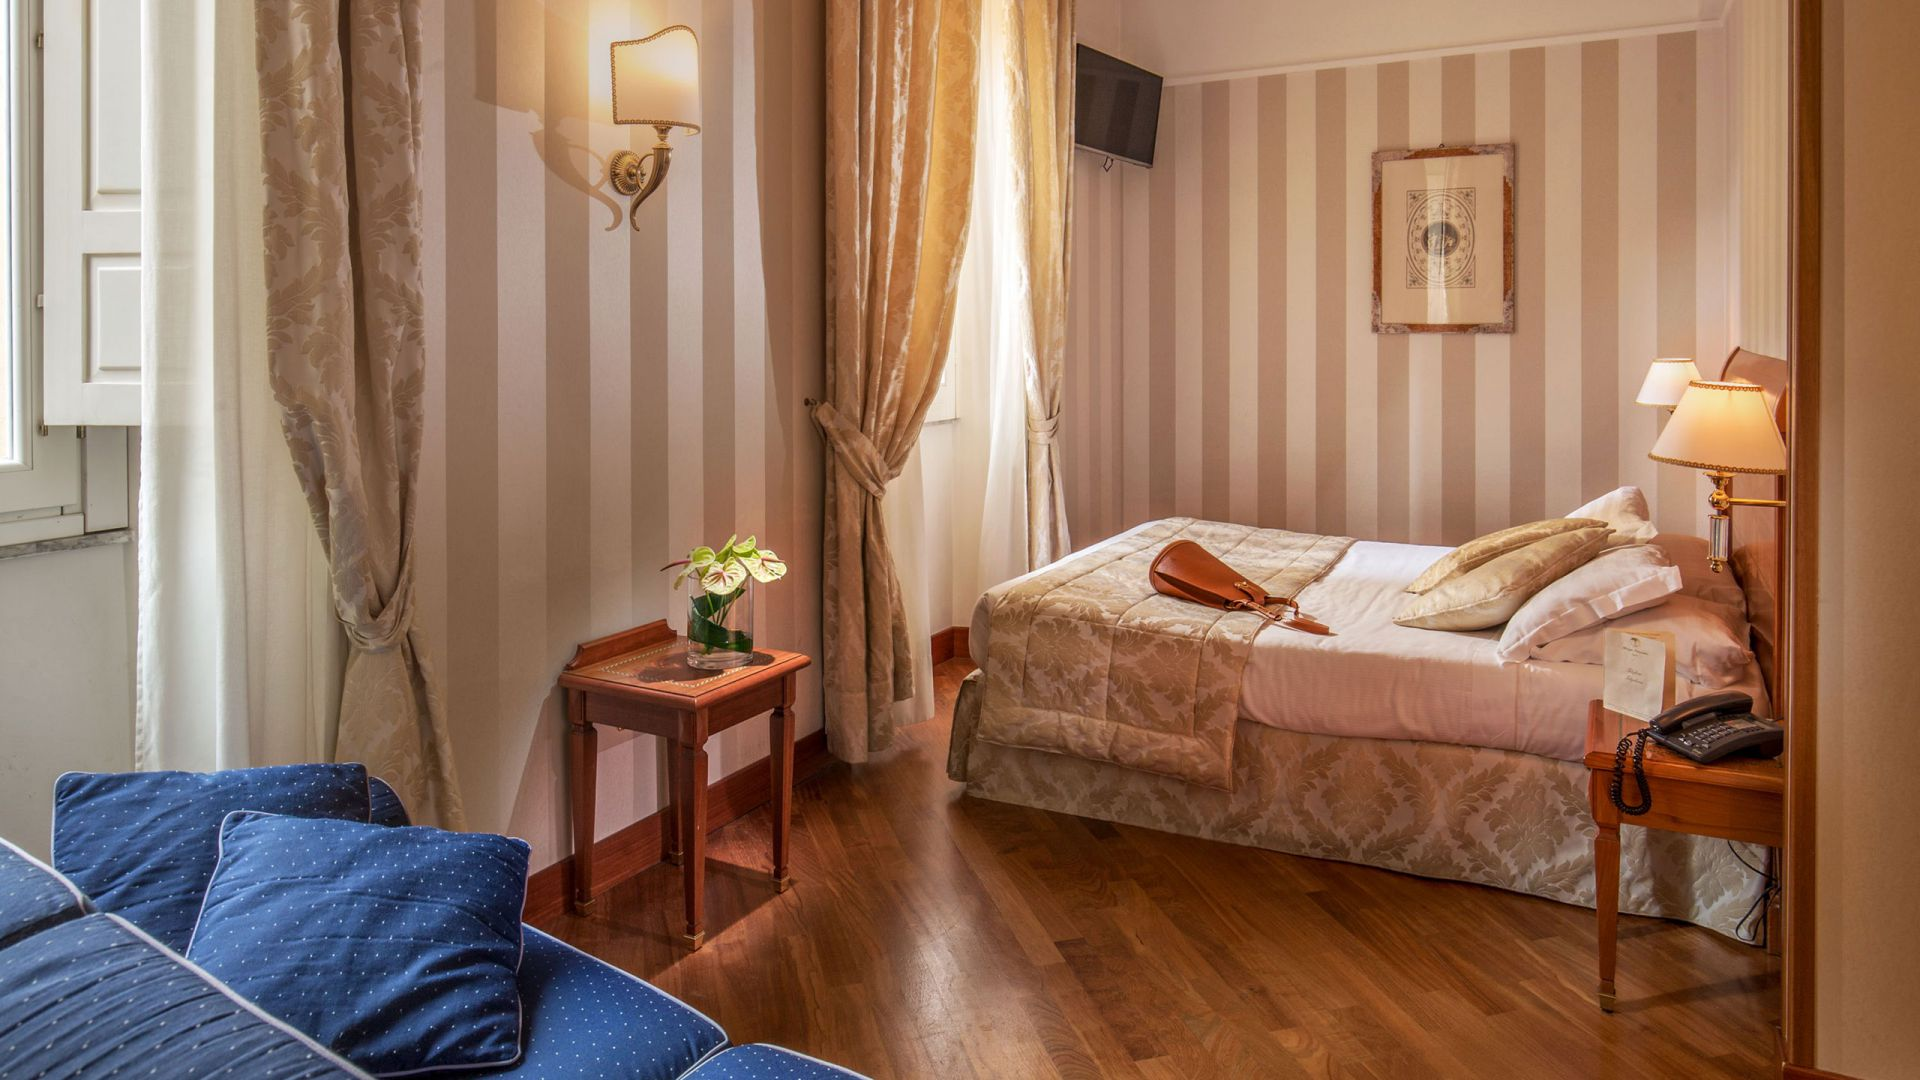 albergo-ottocento-rome-chambre-triple-deluxe-10